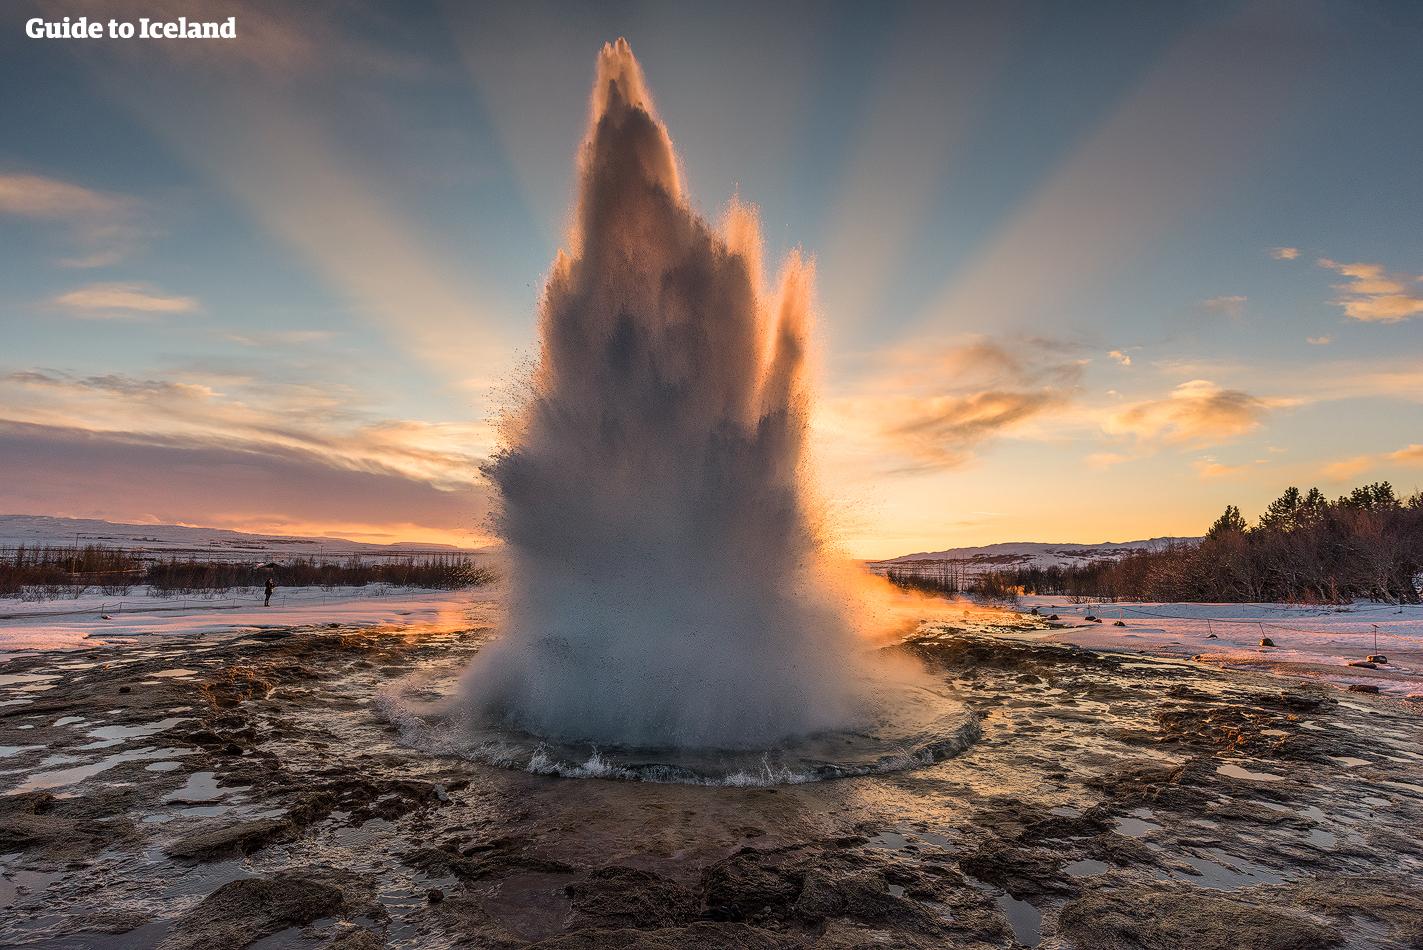 Odwiedź obszar geotermalny Geysir i zobacz jak wybucha potężny Strokkur!